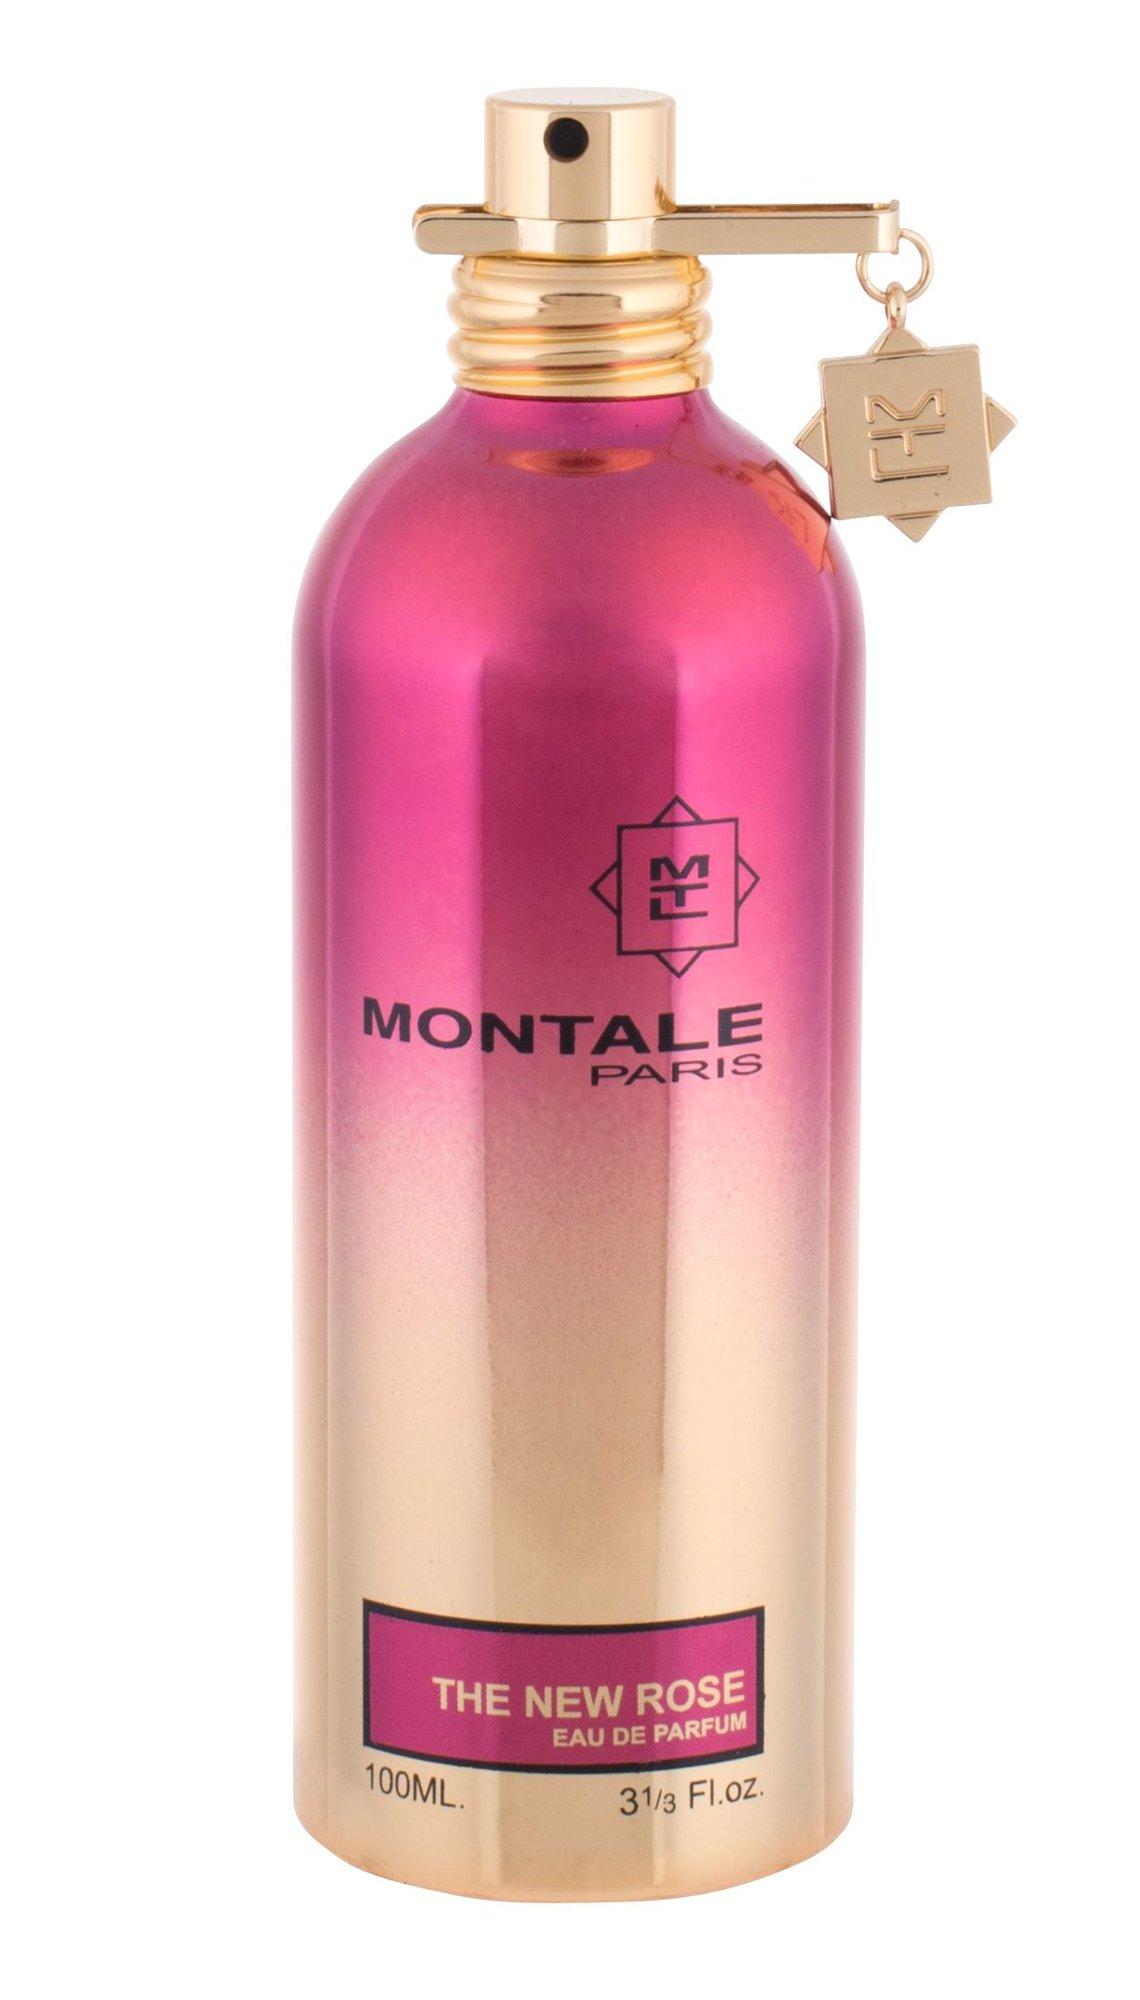 Montale Paris The New Rose Eau de Parfum 100ml